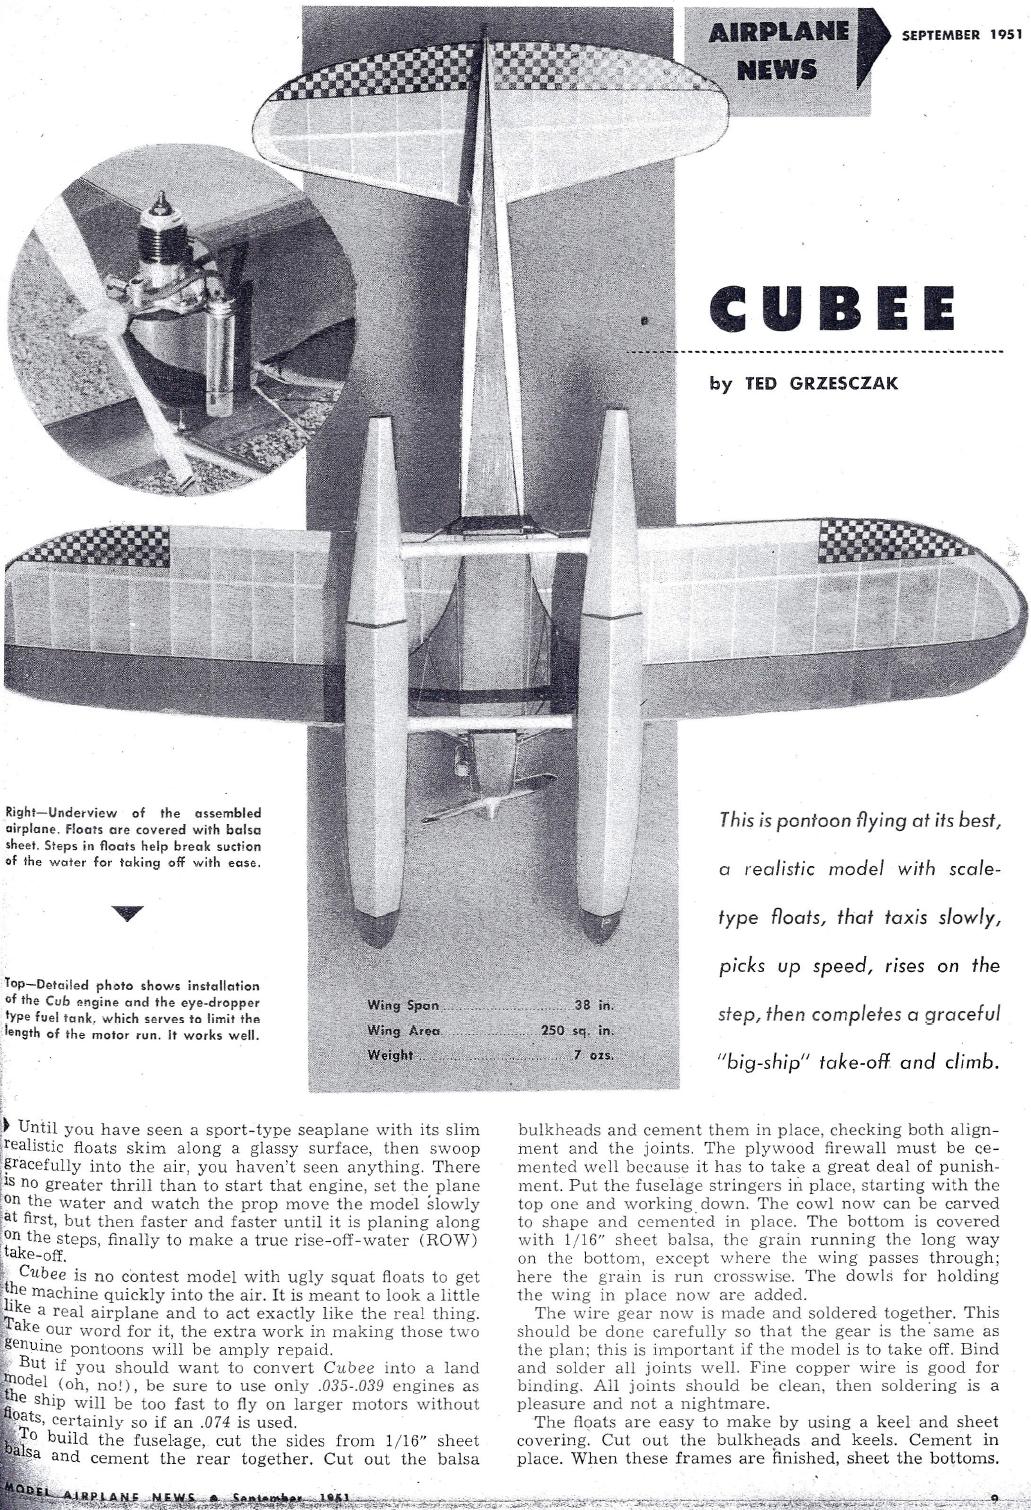 Model Airplane News Cover for September, 1949